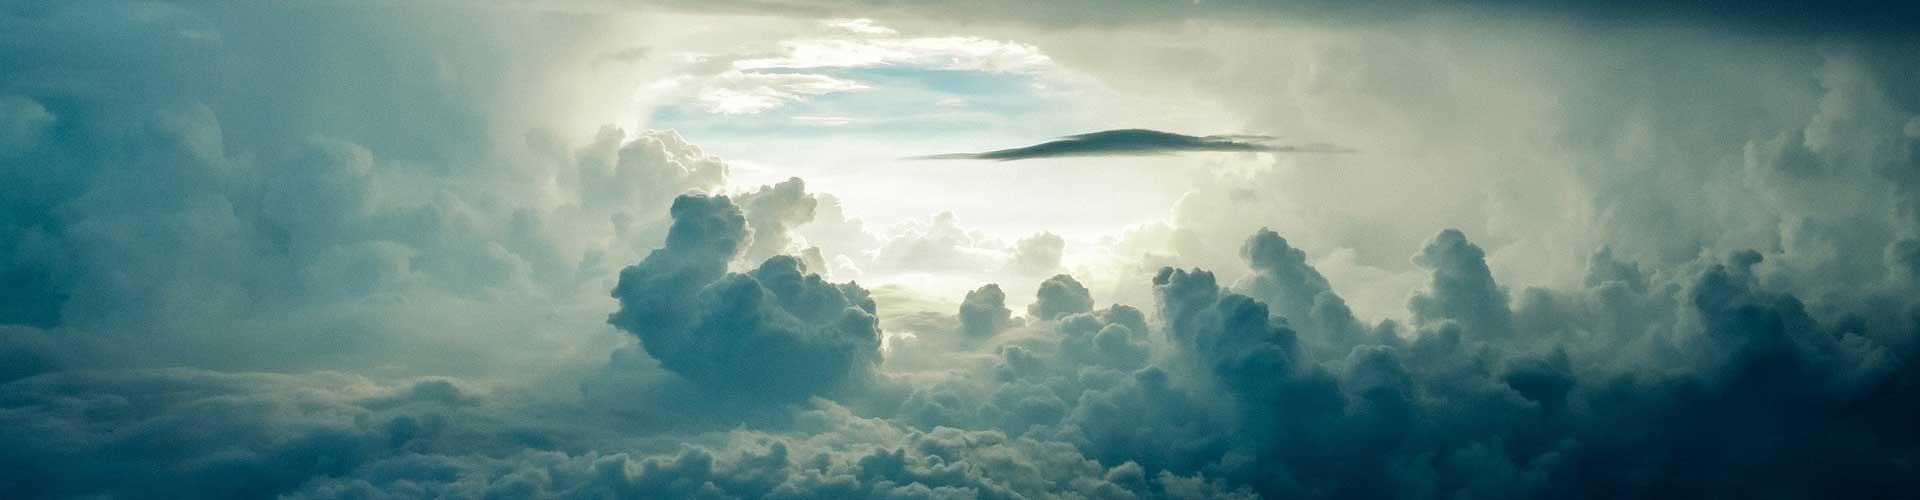 cloud_sicherheit_daten_unternehmen